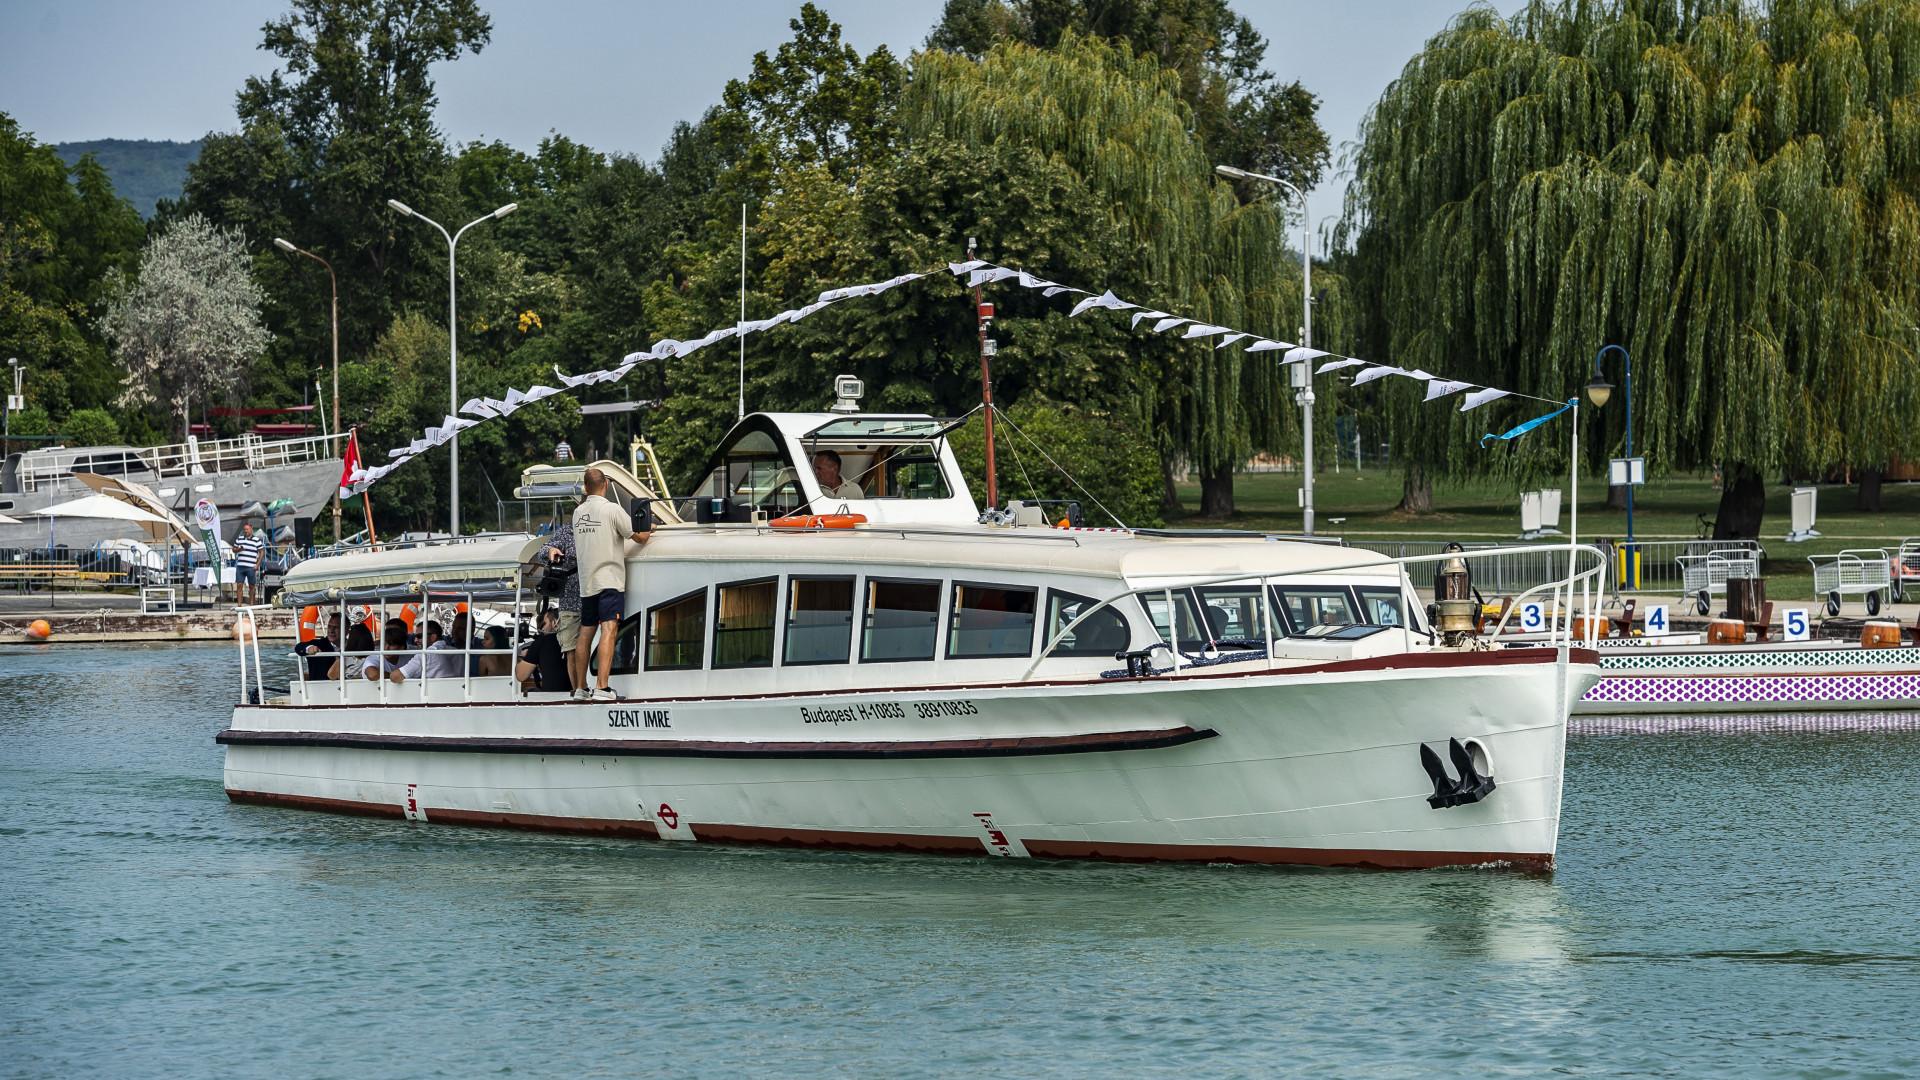 Balatoni hajózási szabályzat